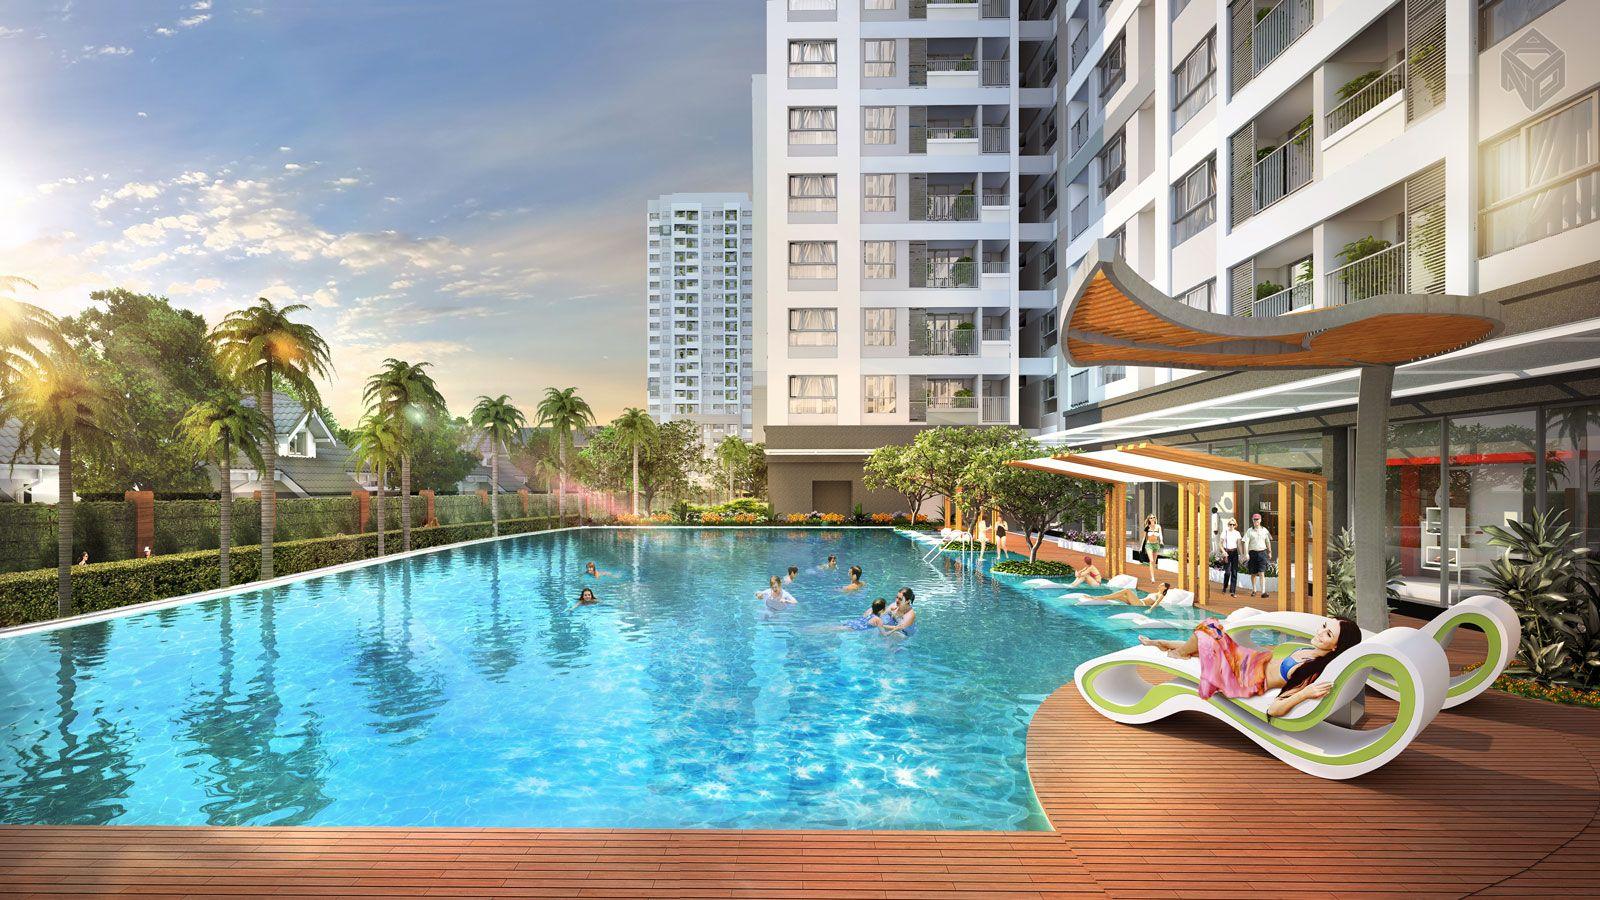 Botanica Premier Novaland - Siêu phẩm căn hộ thông minh cao cấp thương hiệu Novaland quận Phú Nhuận 2